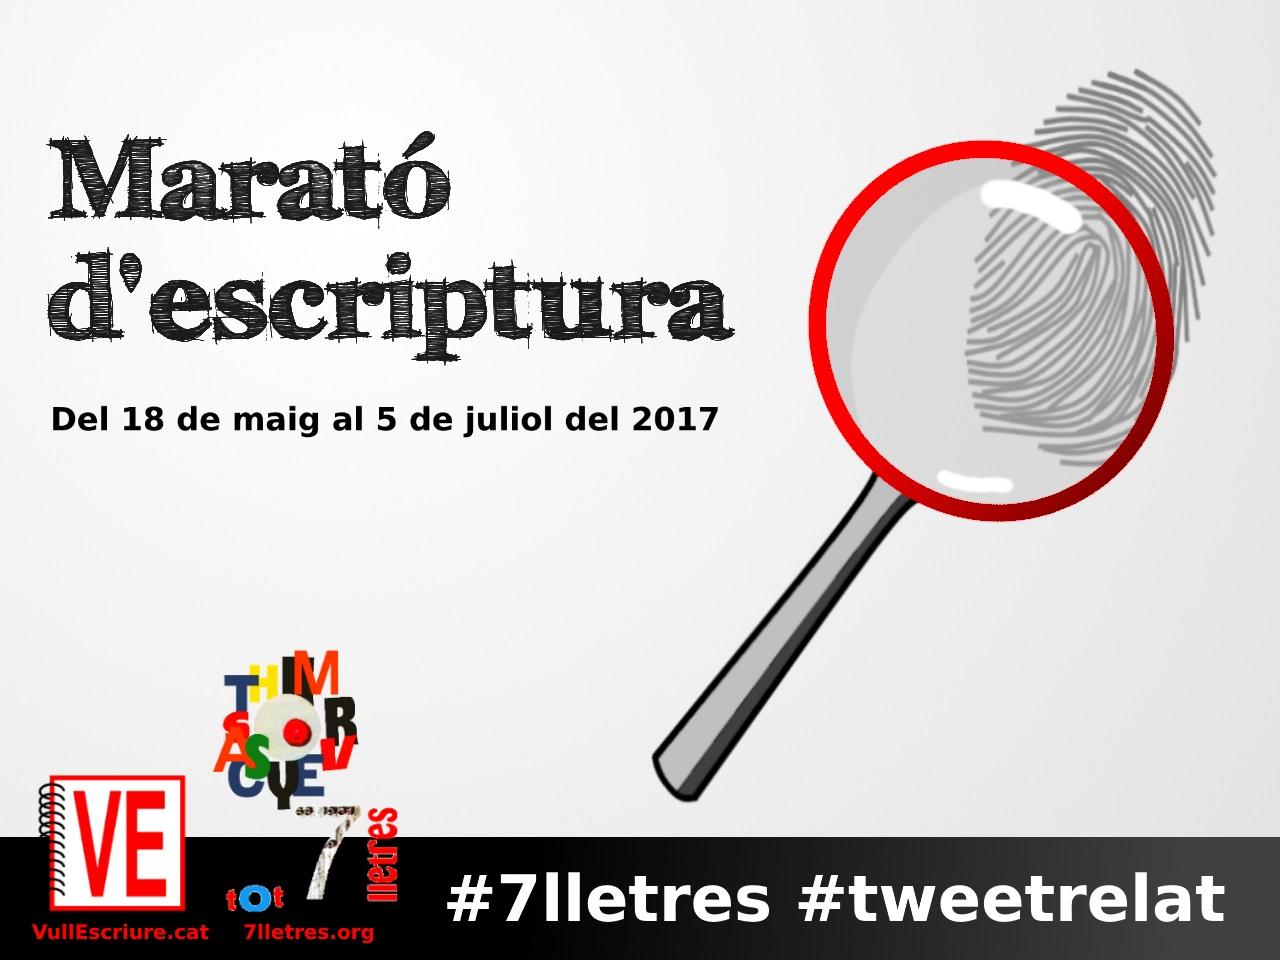 VullEscriure - Marató escriptura #7lletres #tweetrelat